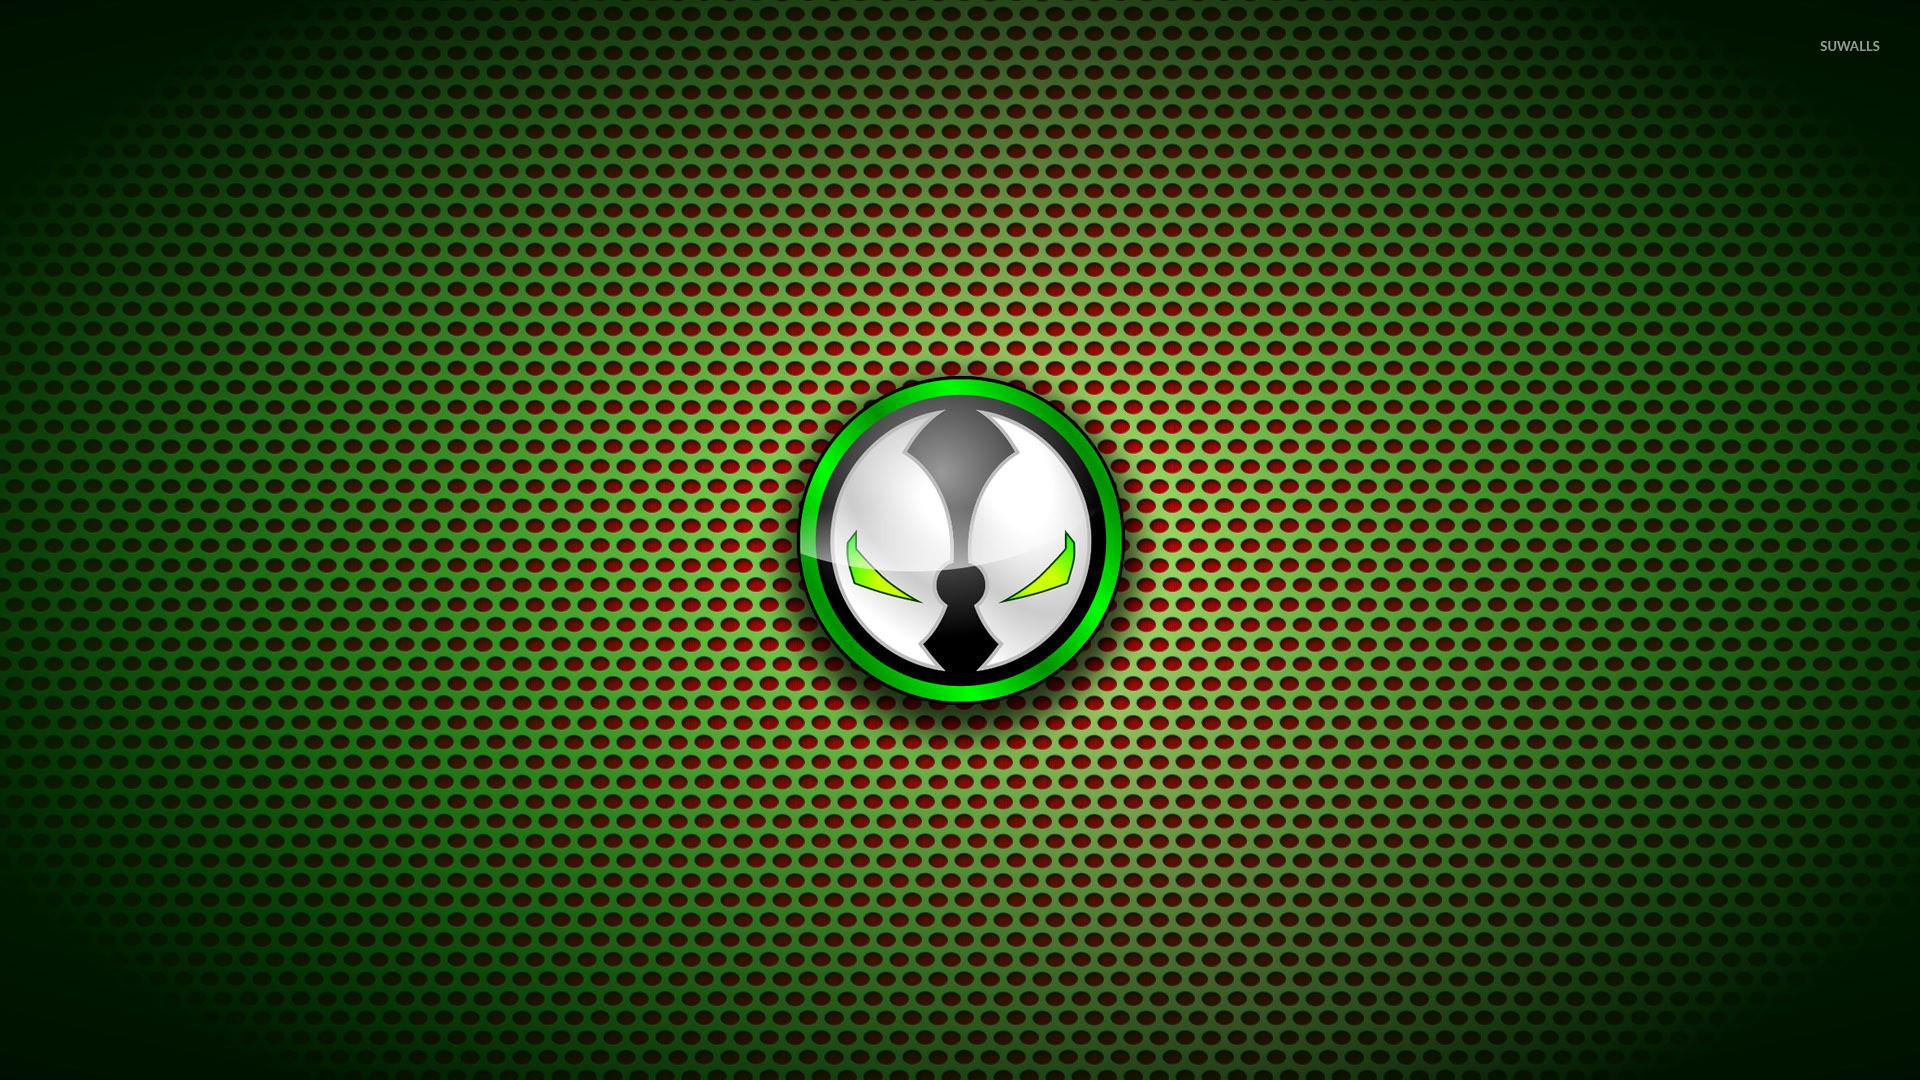 Spawn logo on circle pattern wallpaper